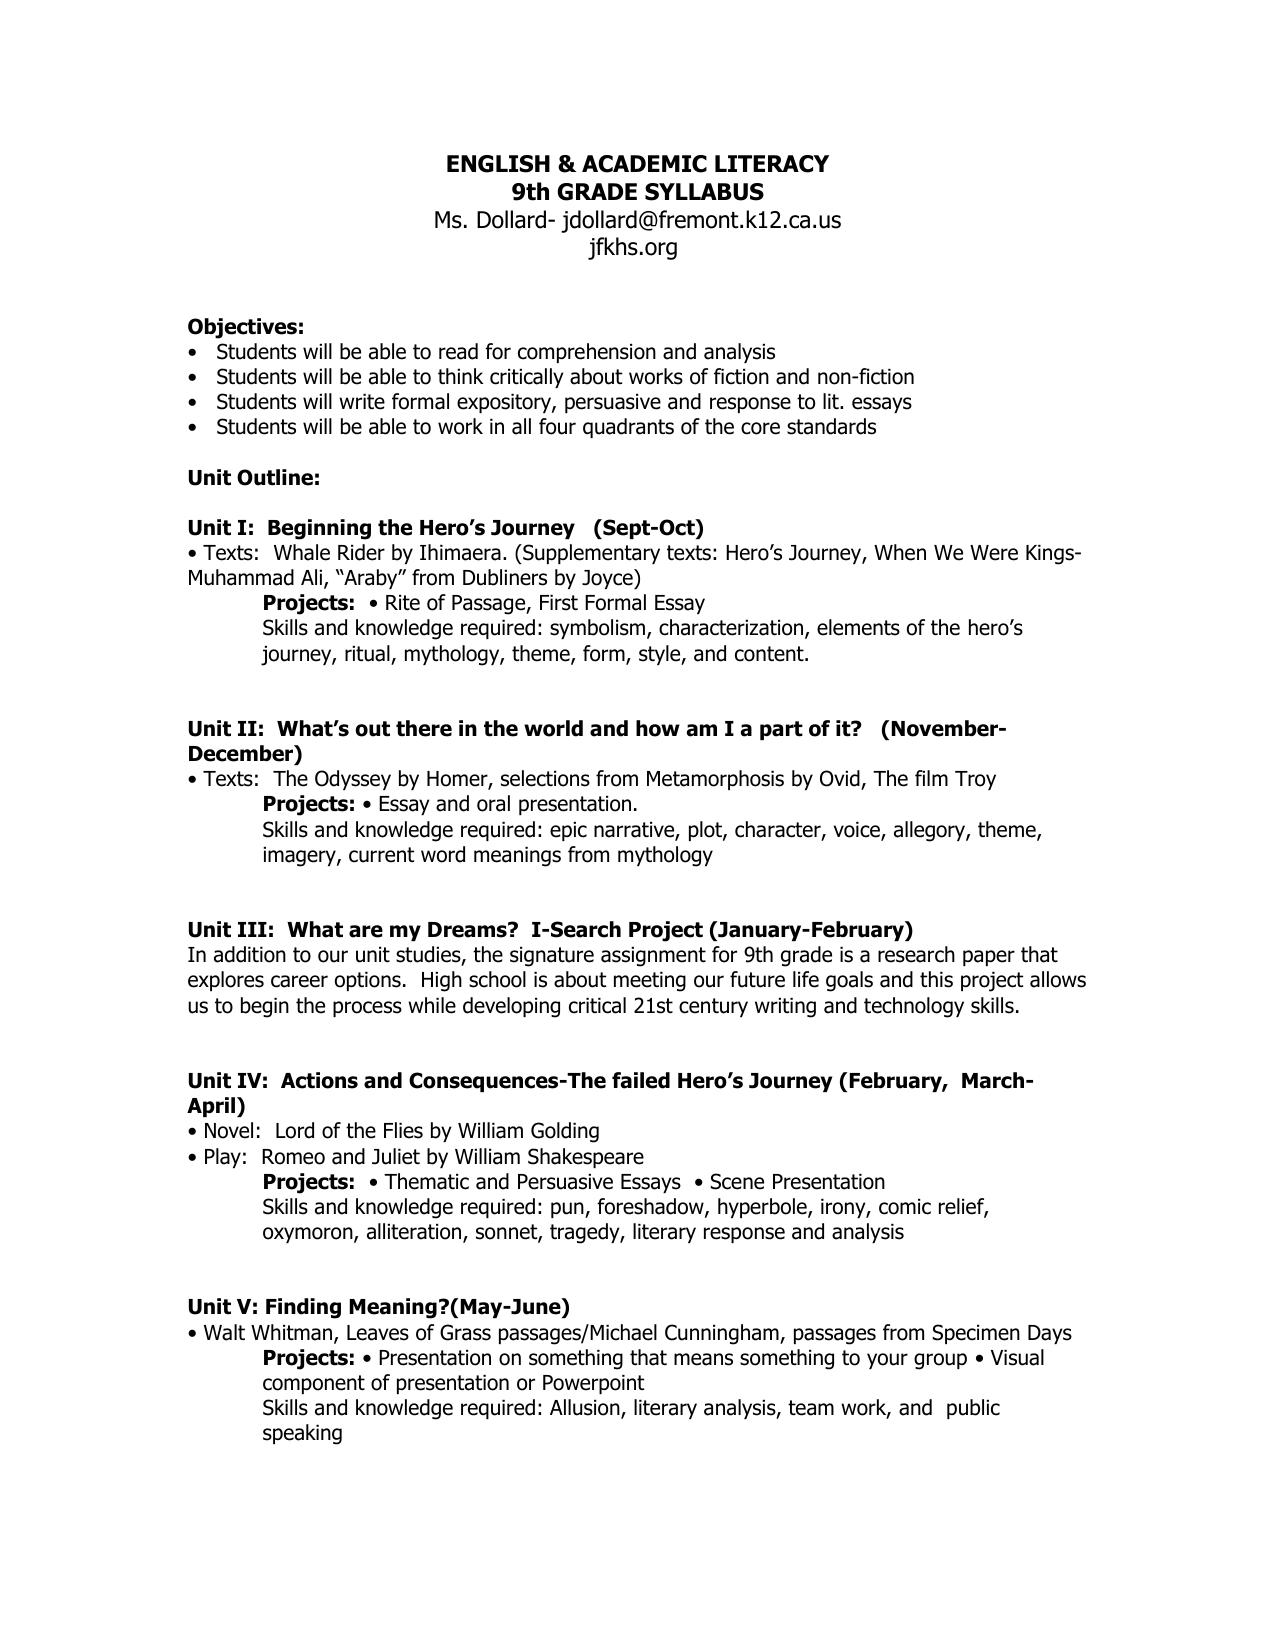 English 9 Syllabus